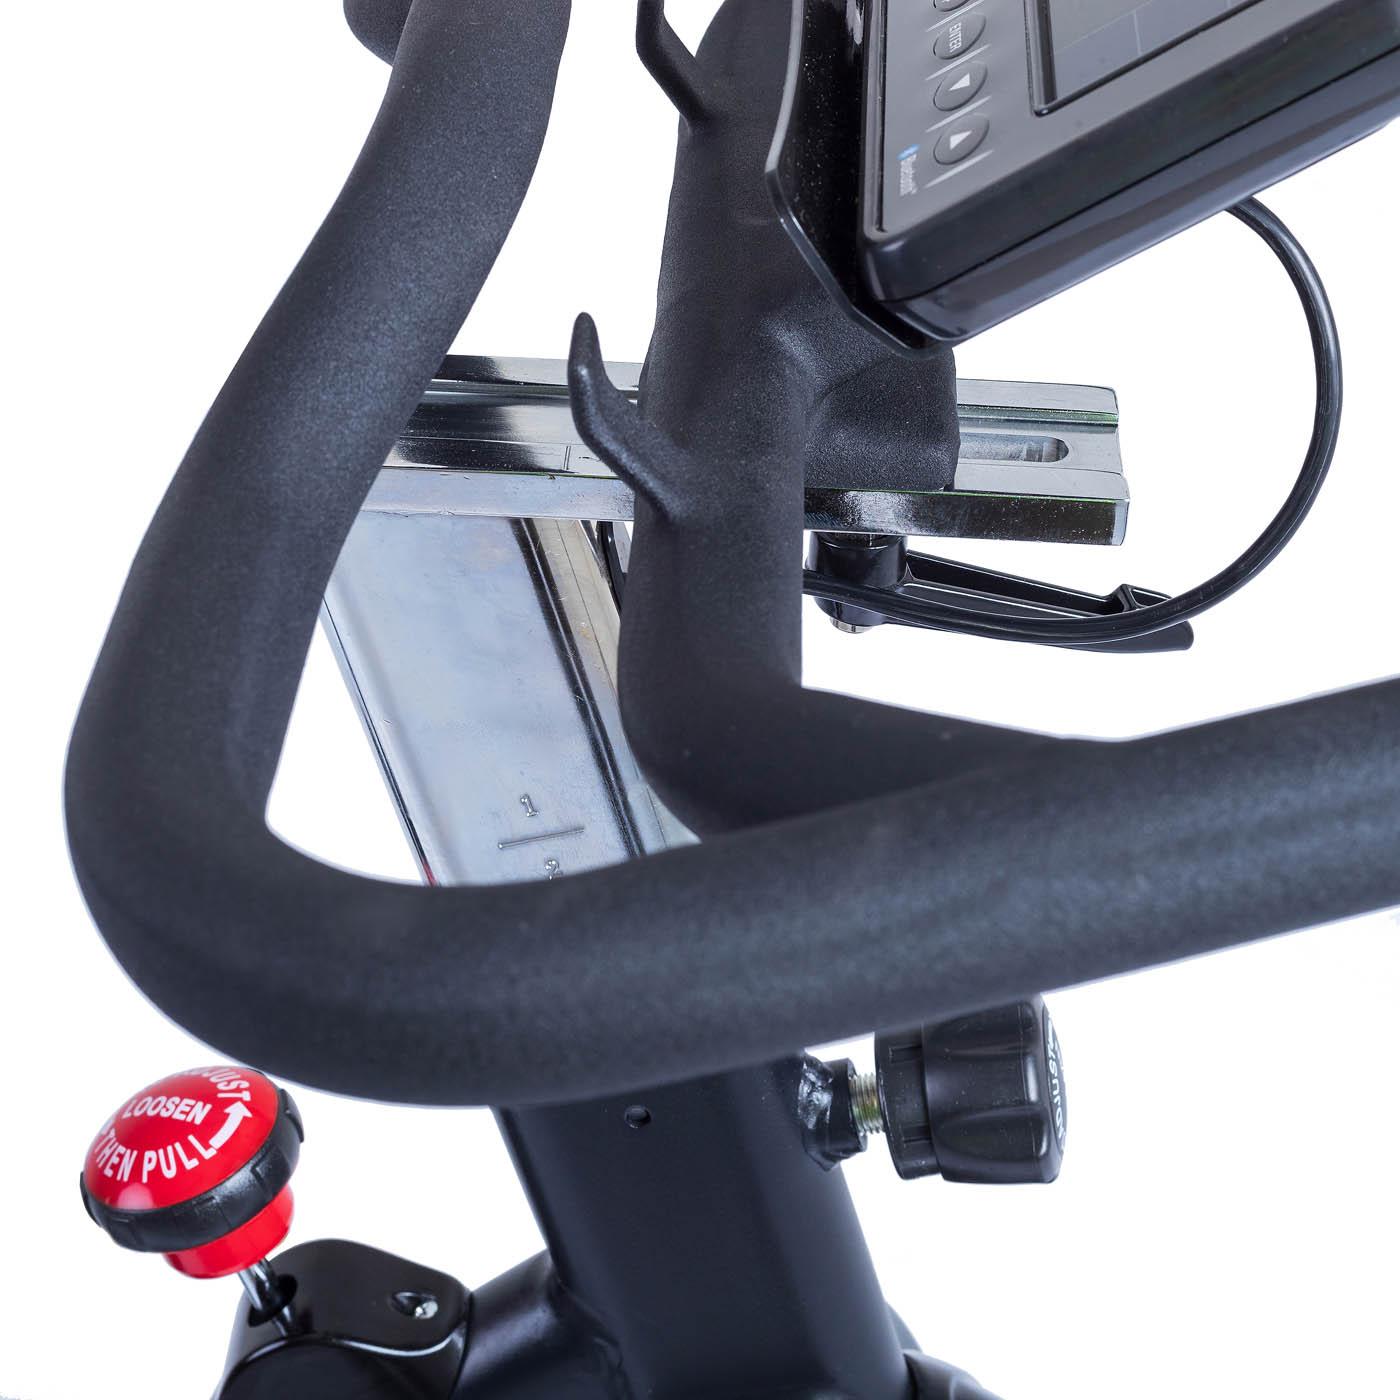 HouseFit Racer 70 iTrain_držák tabletu